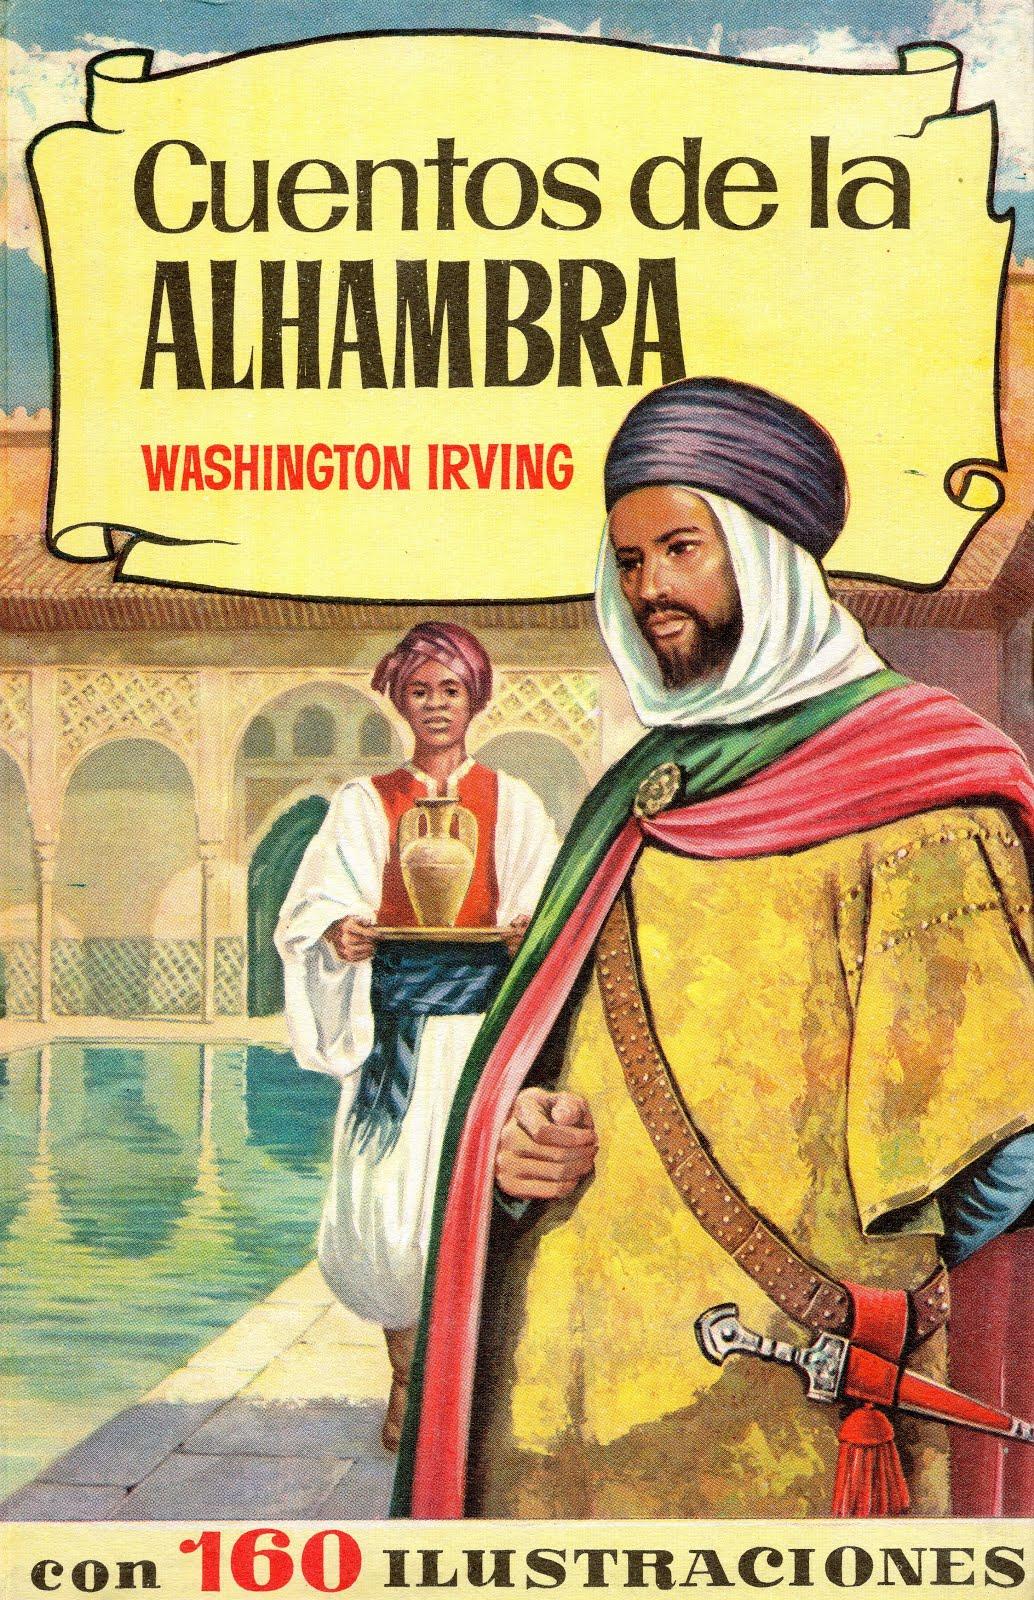 Cuentos de la Alhambra, 1964 Col. Historias, Ed. Bruguera